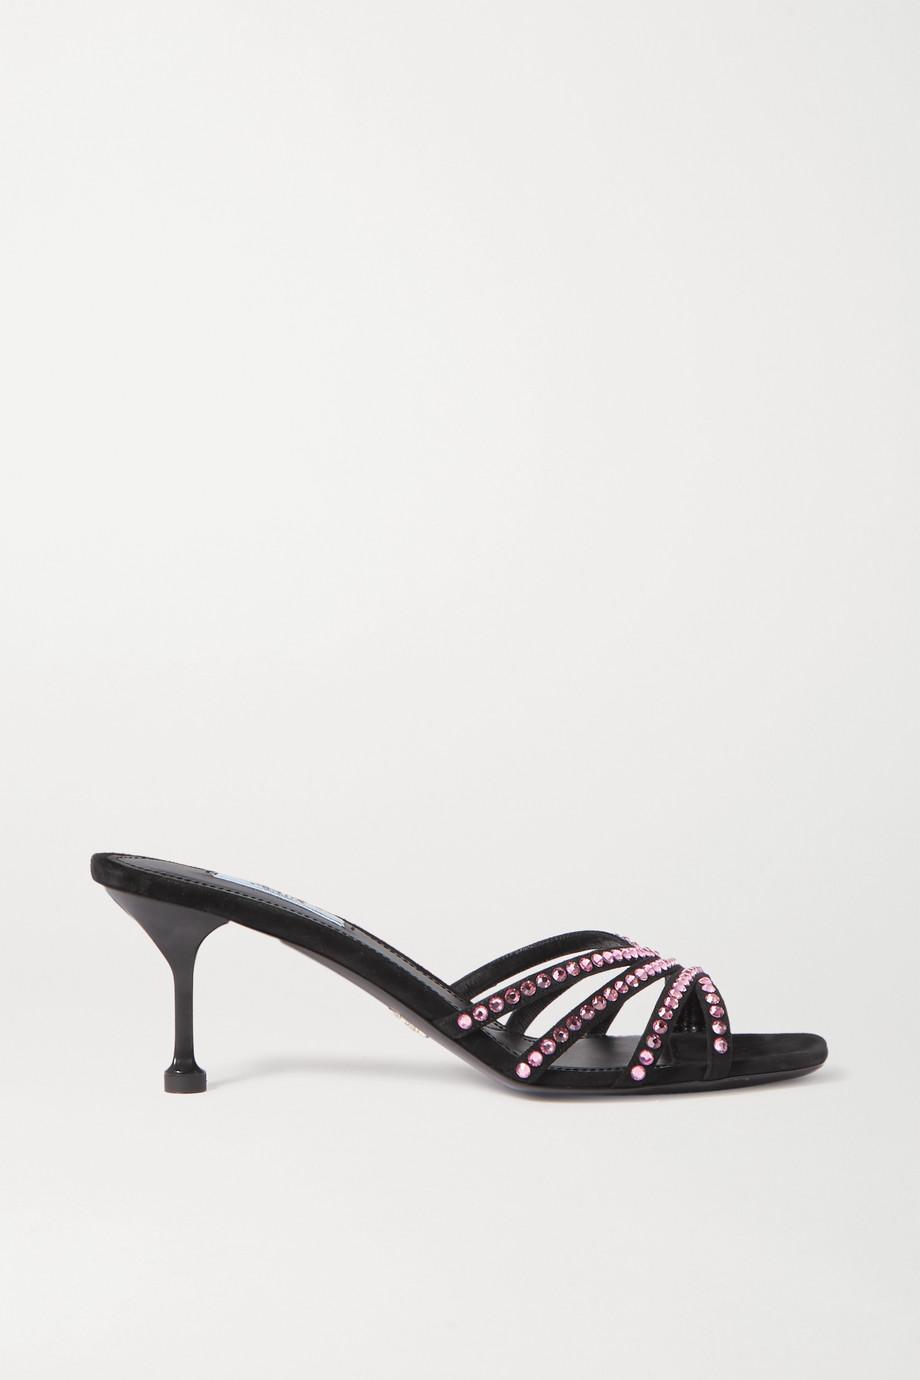 Prada 65 crystal-embellished suede mules